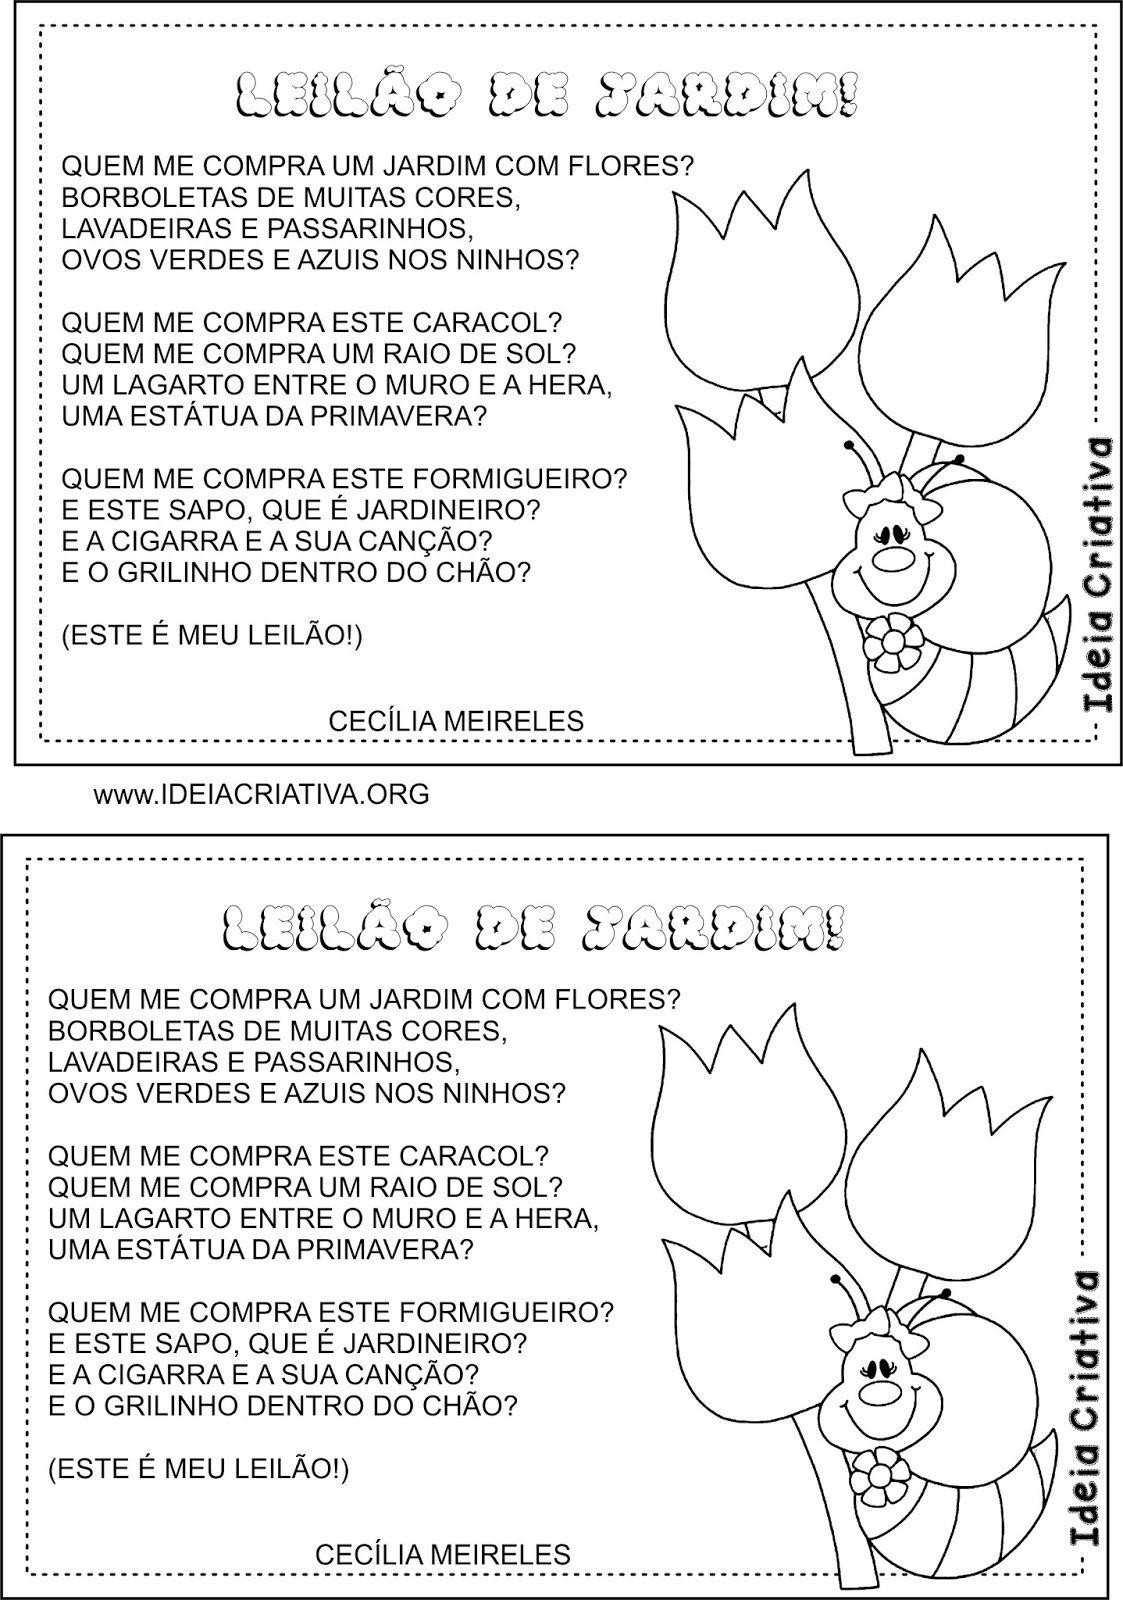 Conhecido Poesia Ilustrada Leilão de Jardim Cecília Meireles   texto  EM25